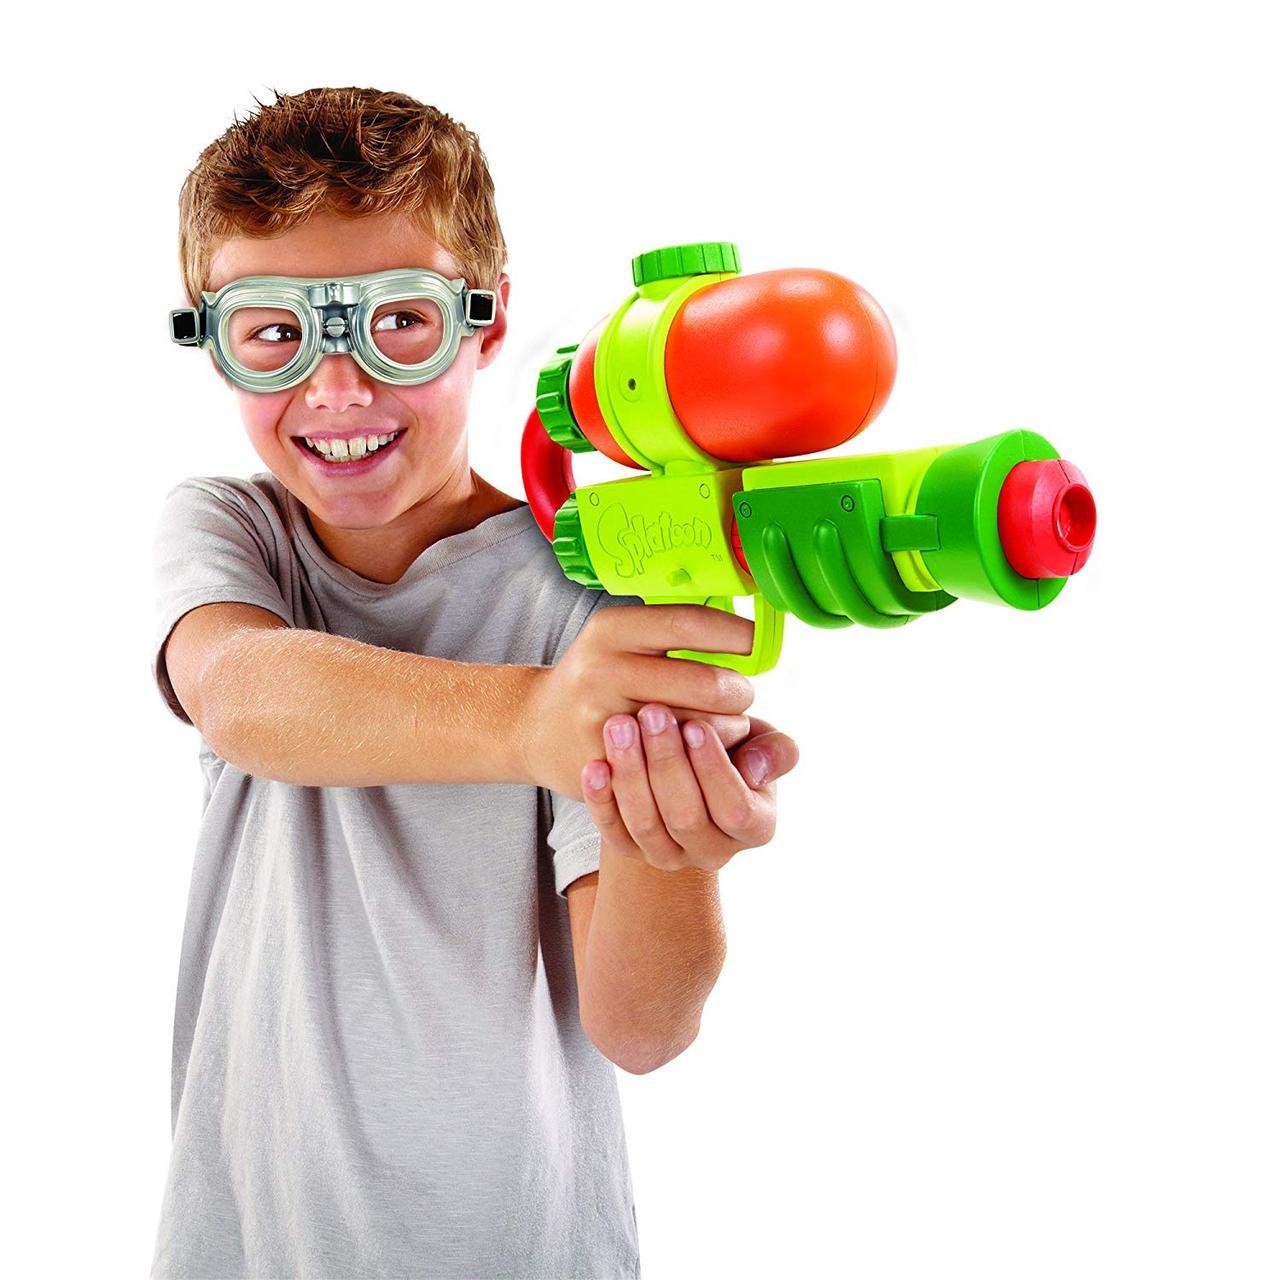 Дитячий бластер Splatoon - Nintendo